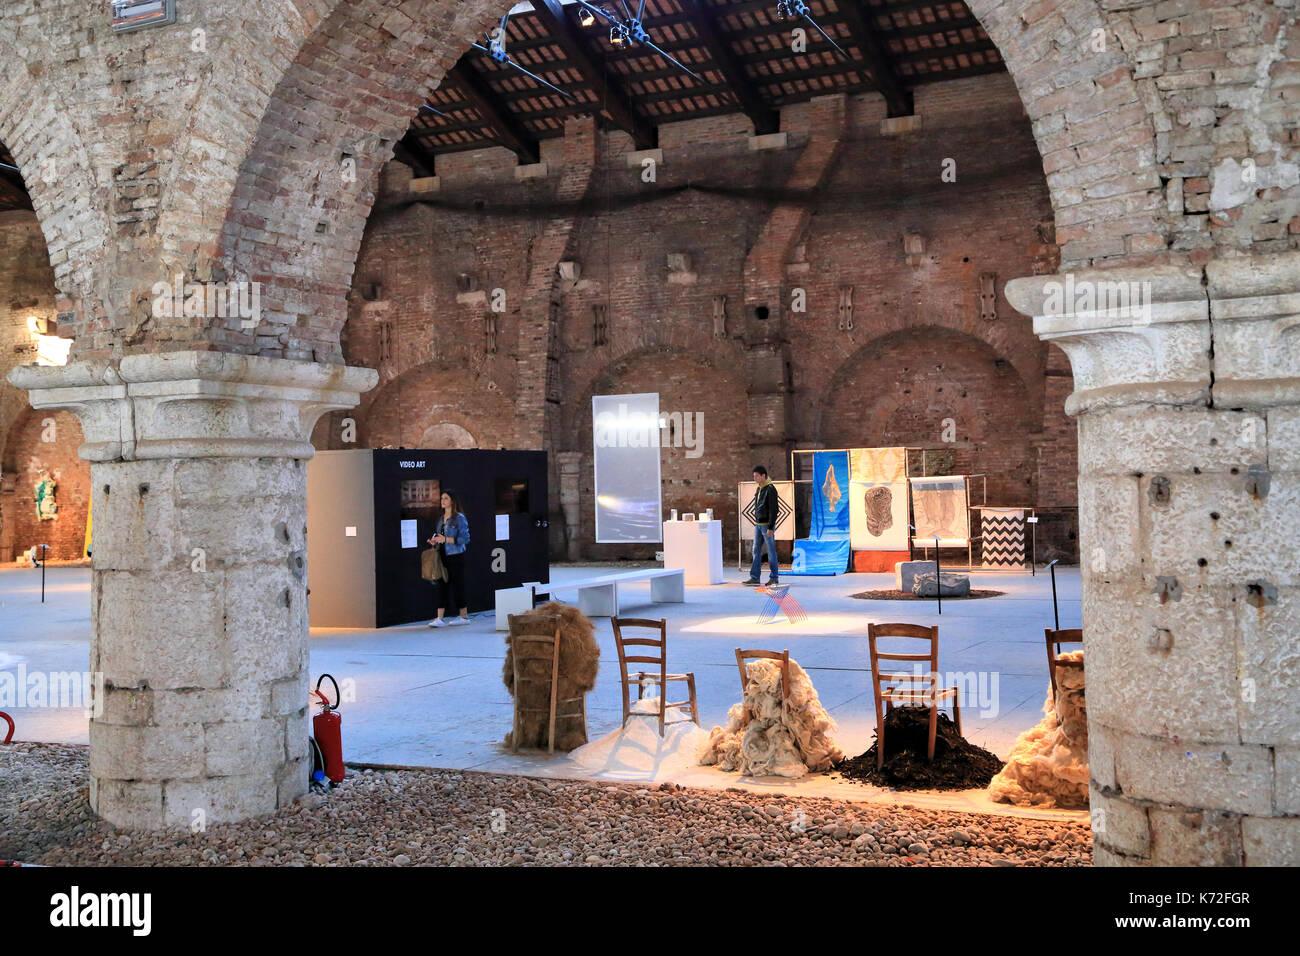 Biennale - premio Arte Laguna 2017 allâ Arsenale di Venezia Immagini Stock